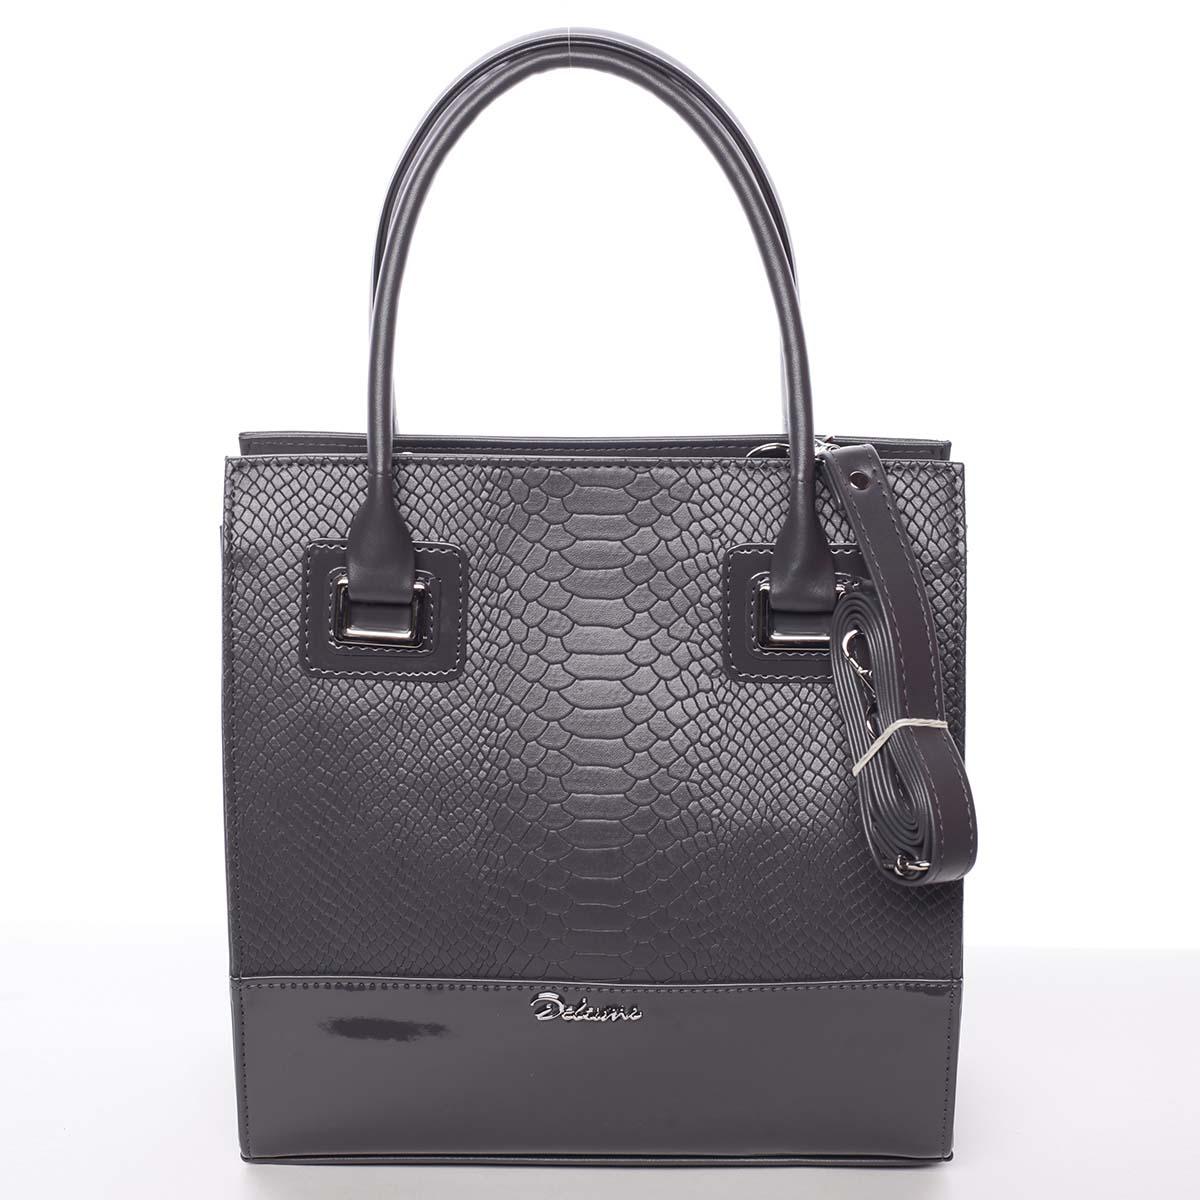 Dámská luxusní lakovaná kabelka tmavě šedá se vzorem - Delami Claudine